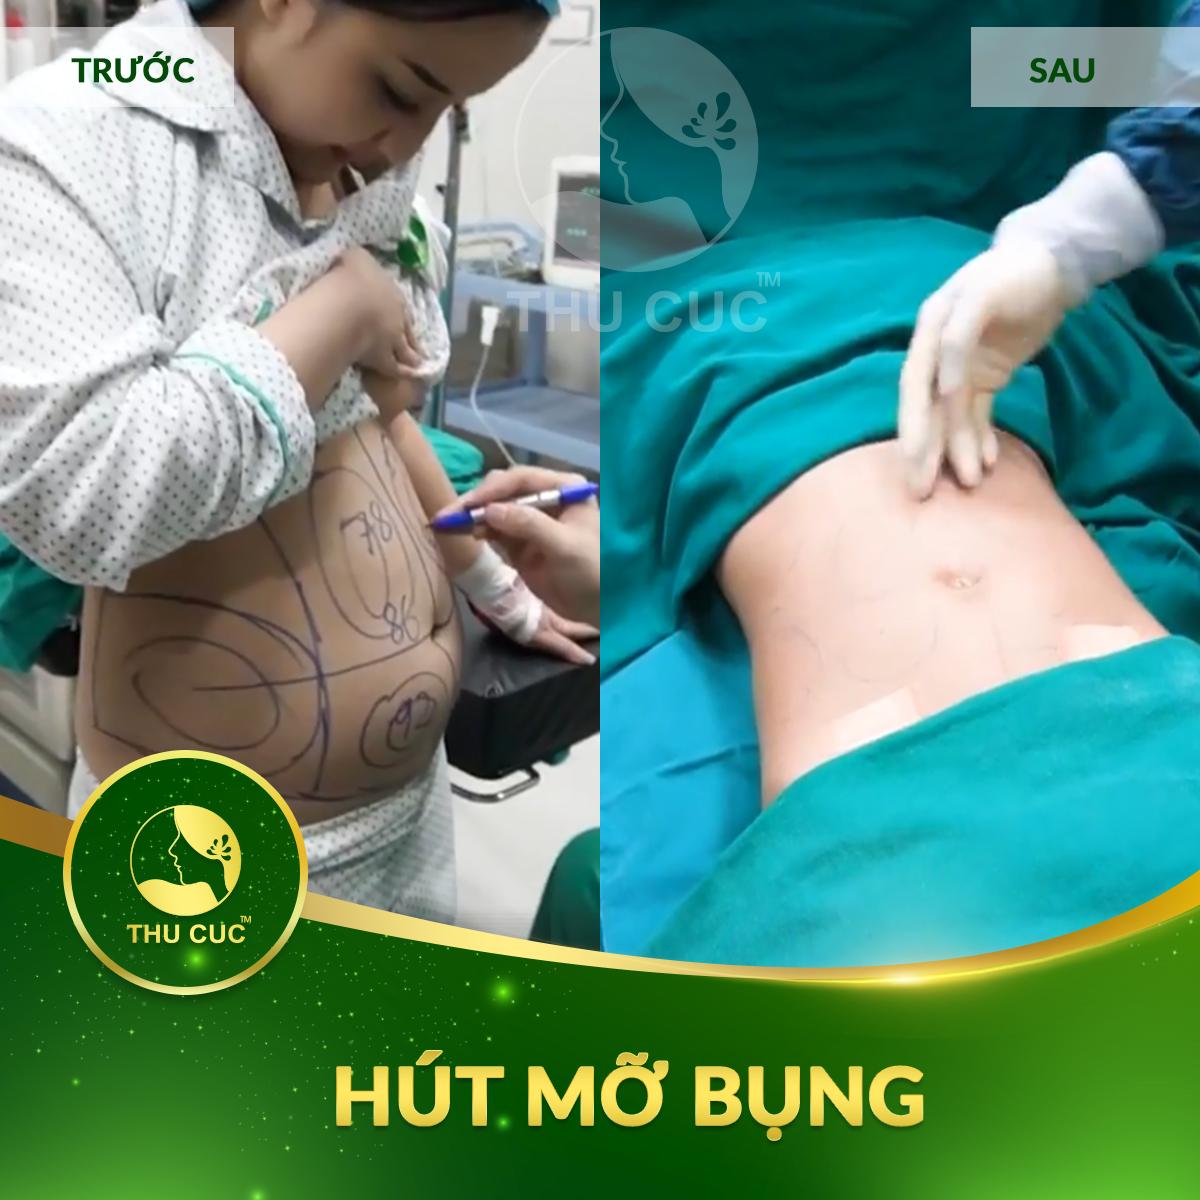 hut-mo-bung-2